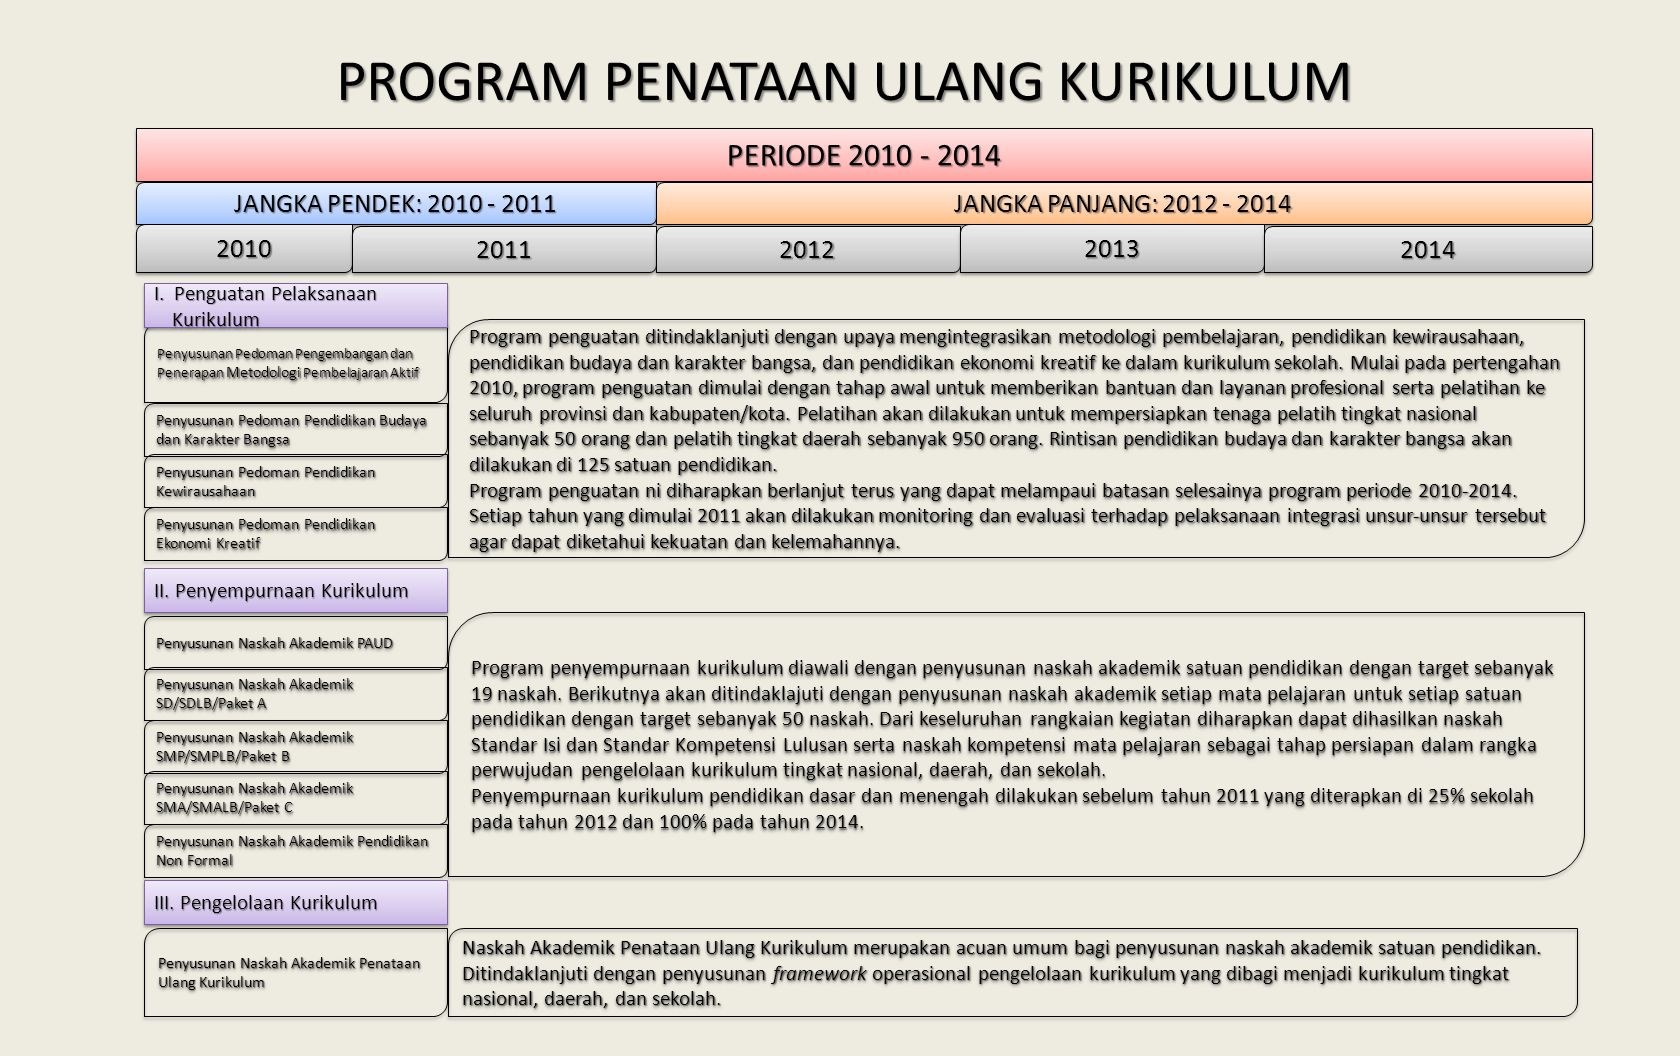 PROGRAM PENATAAN ULANG KURIKULUM PERIODE 2010 - 2014 JANGKA PENDEK: 2010 - 2011 JANGKA PANJANG: 2012 - 2014 20102010 2011201120122012 20132013 2014201